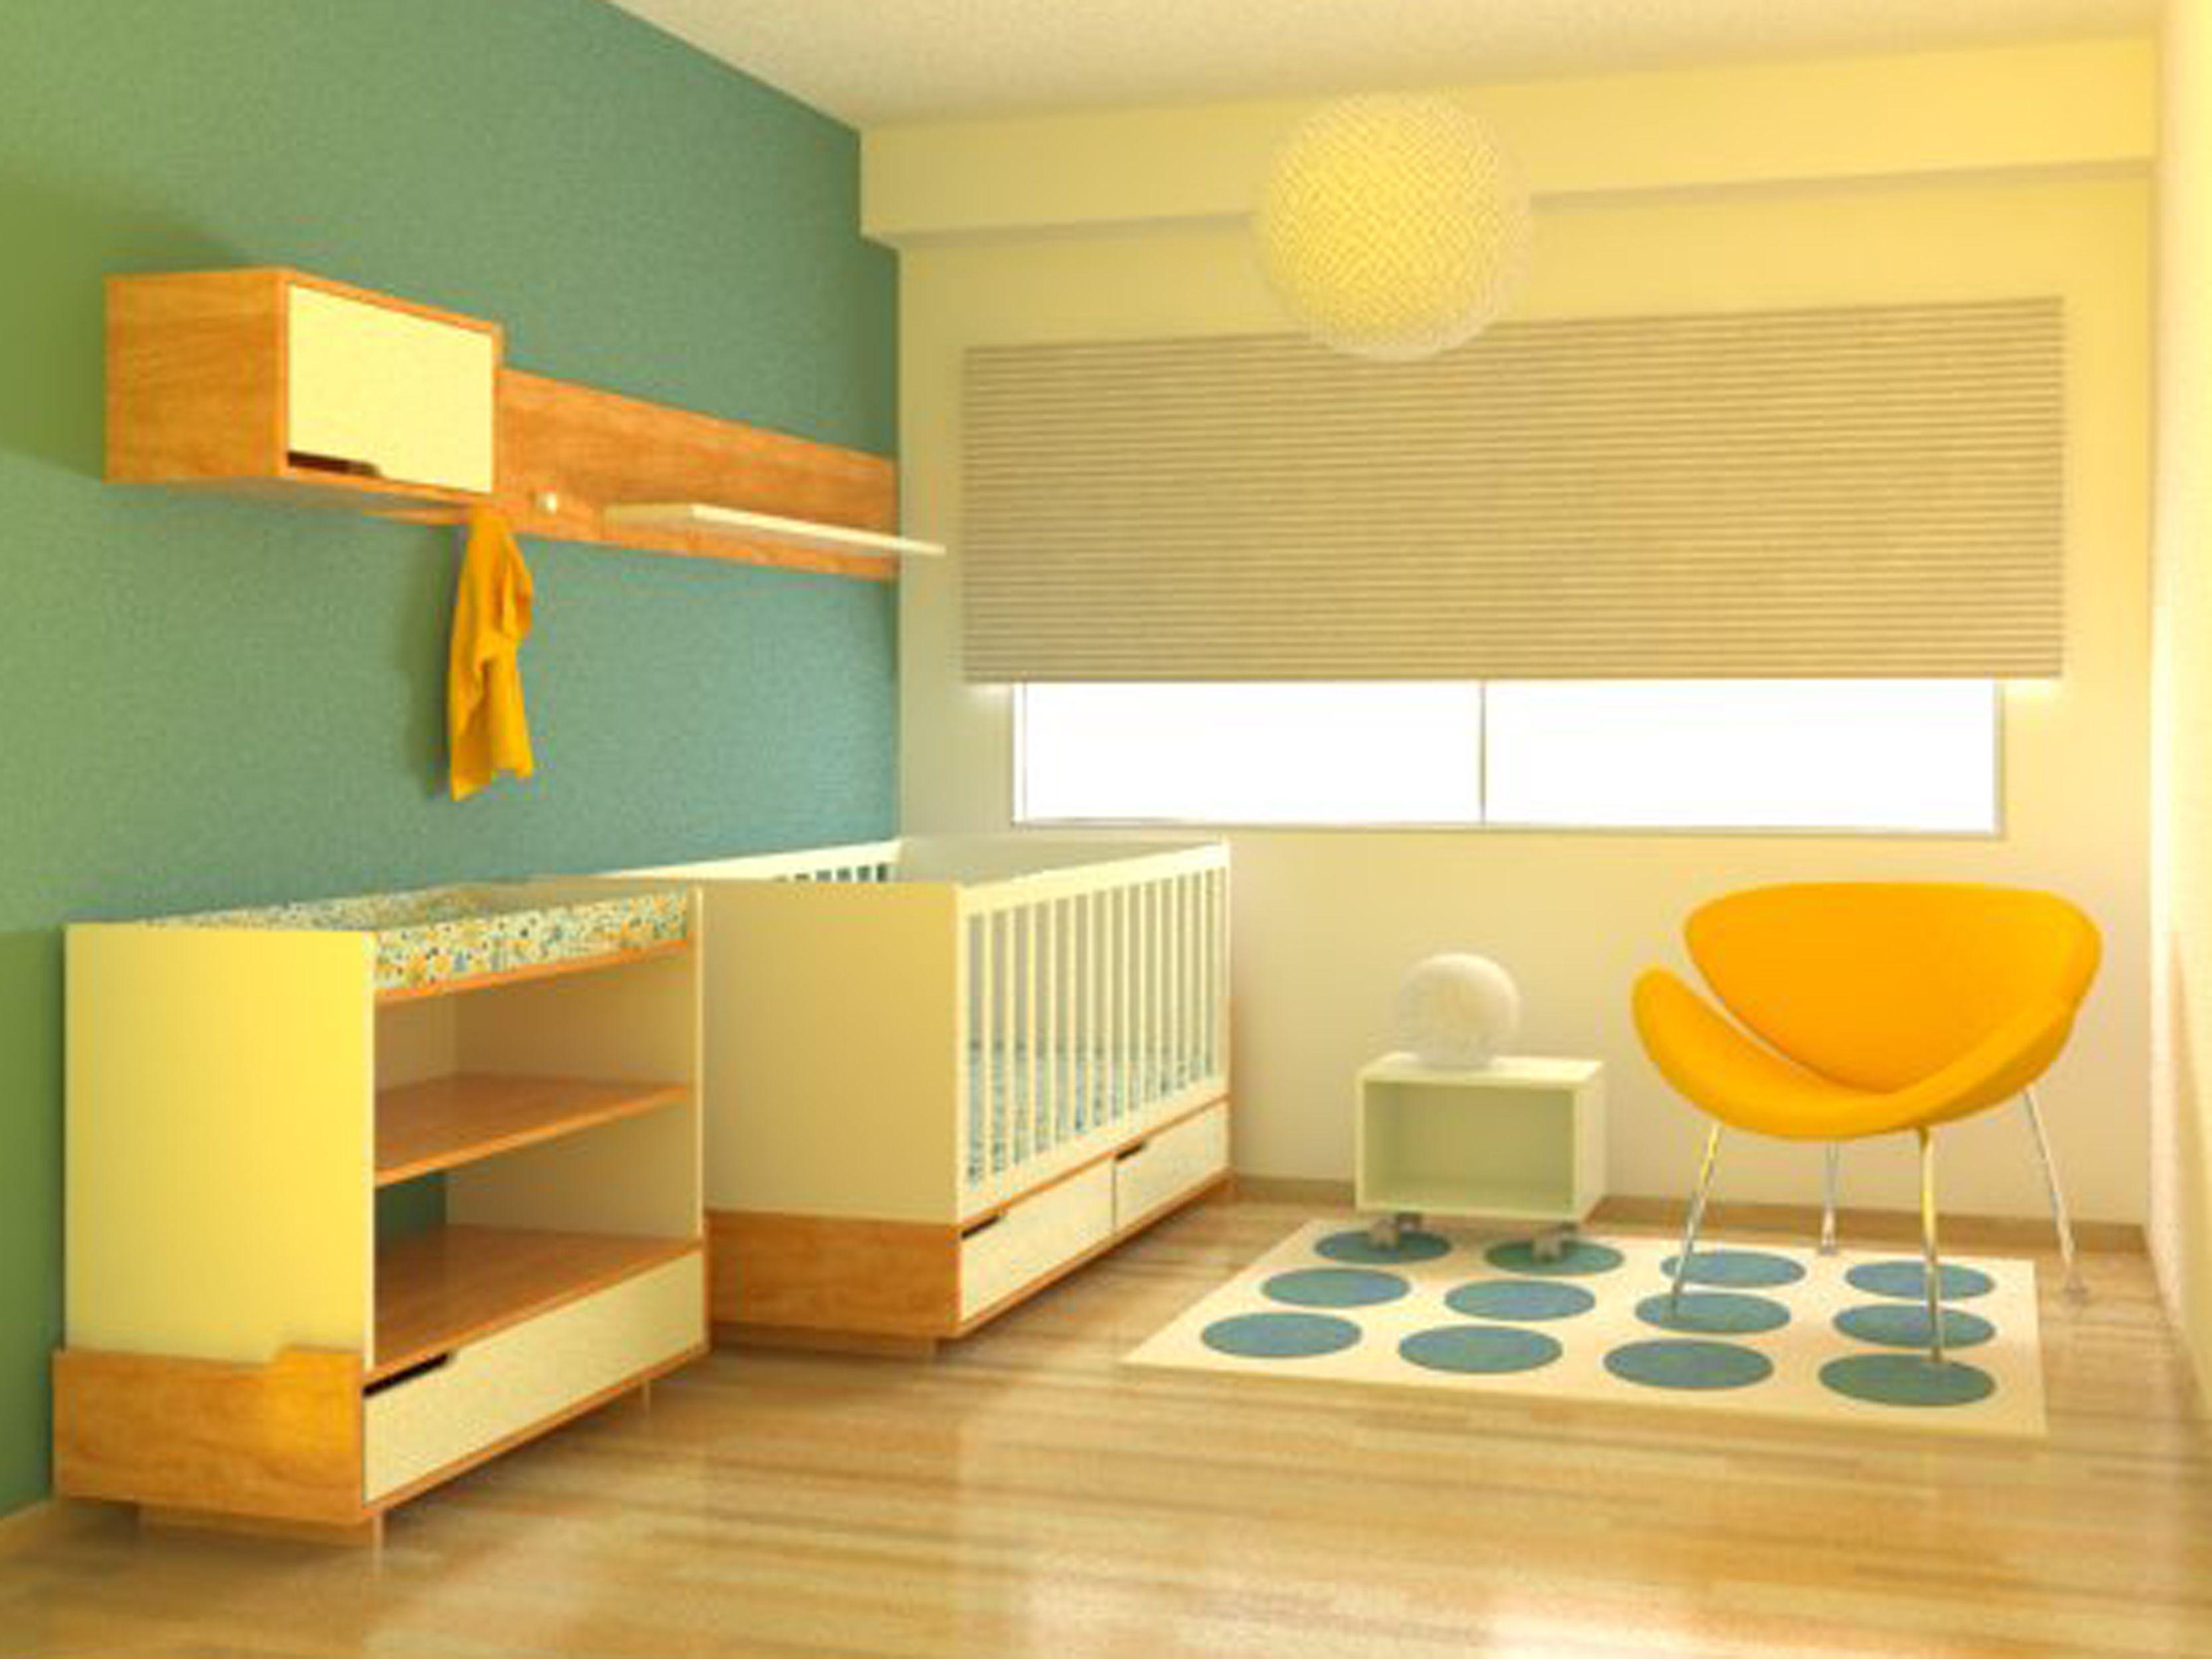 Muebles transformables: Cuna y Cambiador Malu Módulos varios | Línea ...